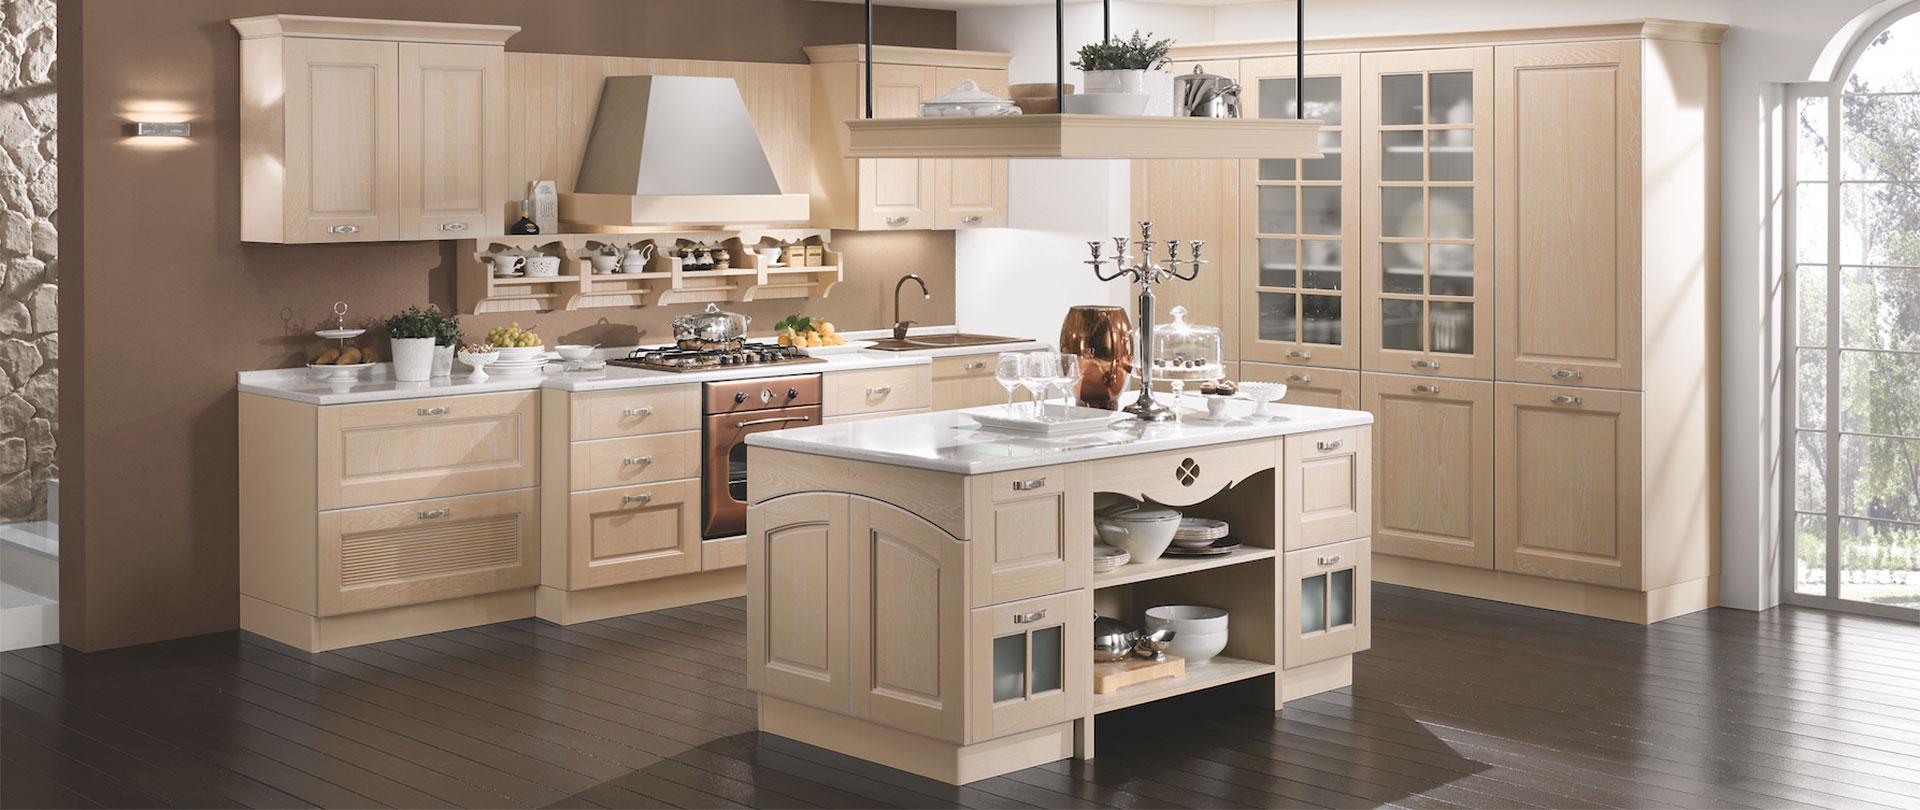 00-cucina-elegante-classica - Arredi 2000